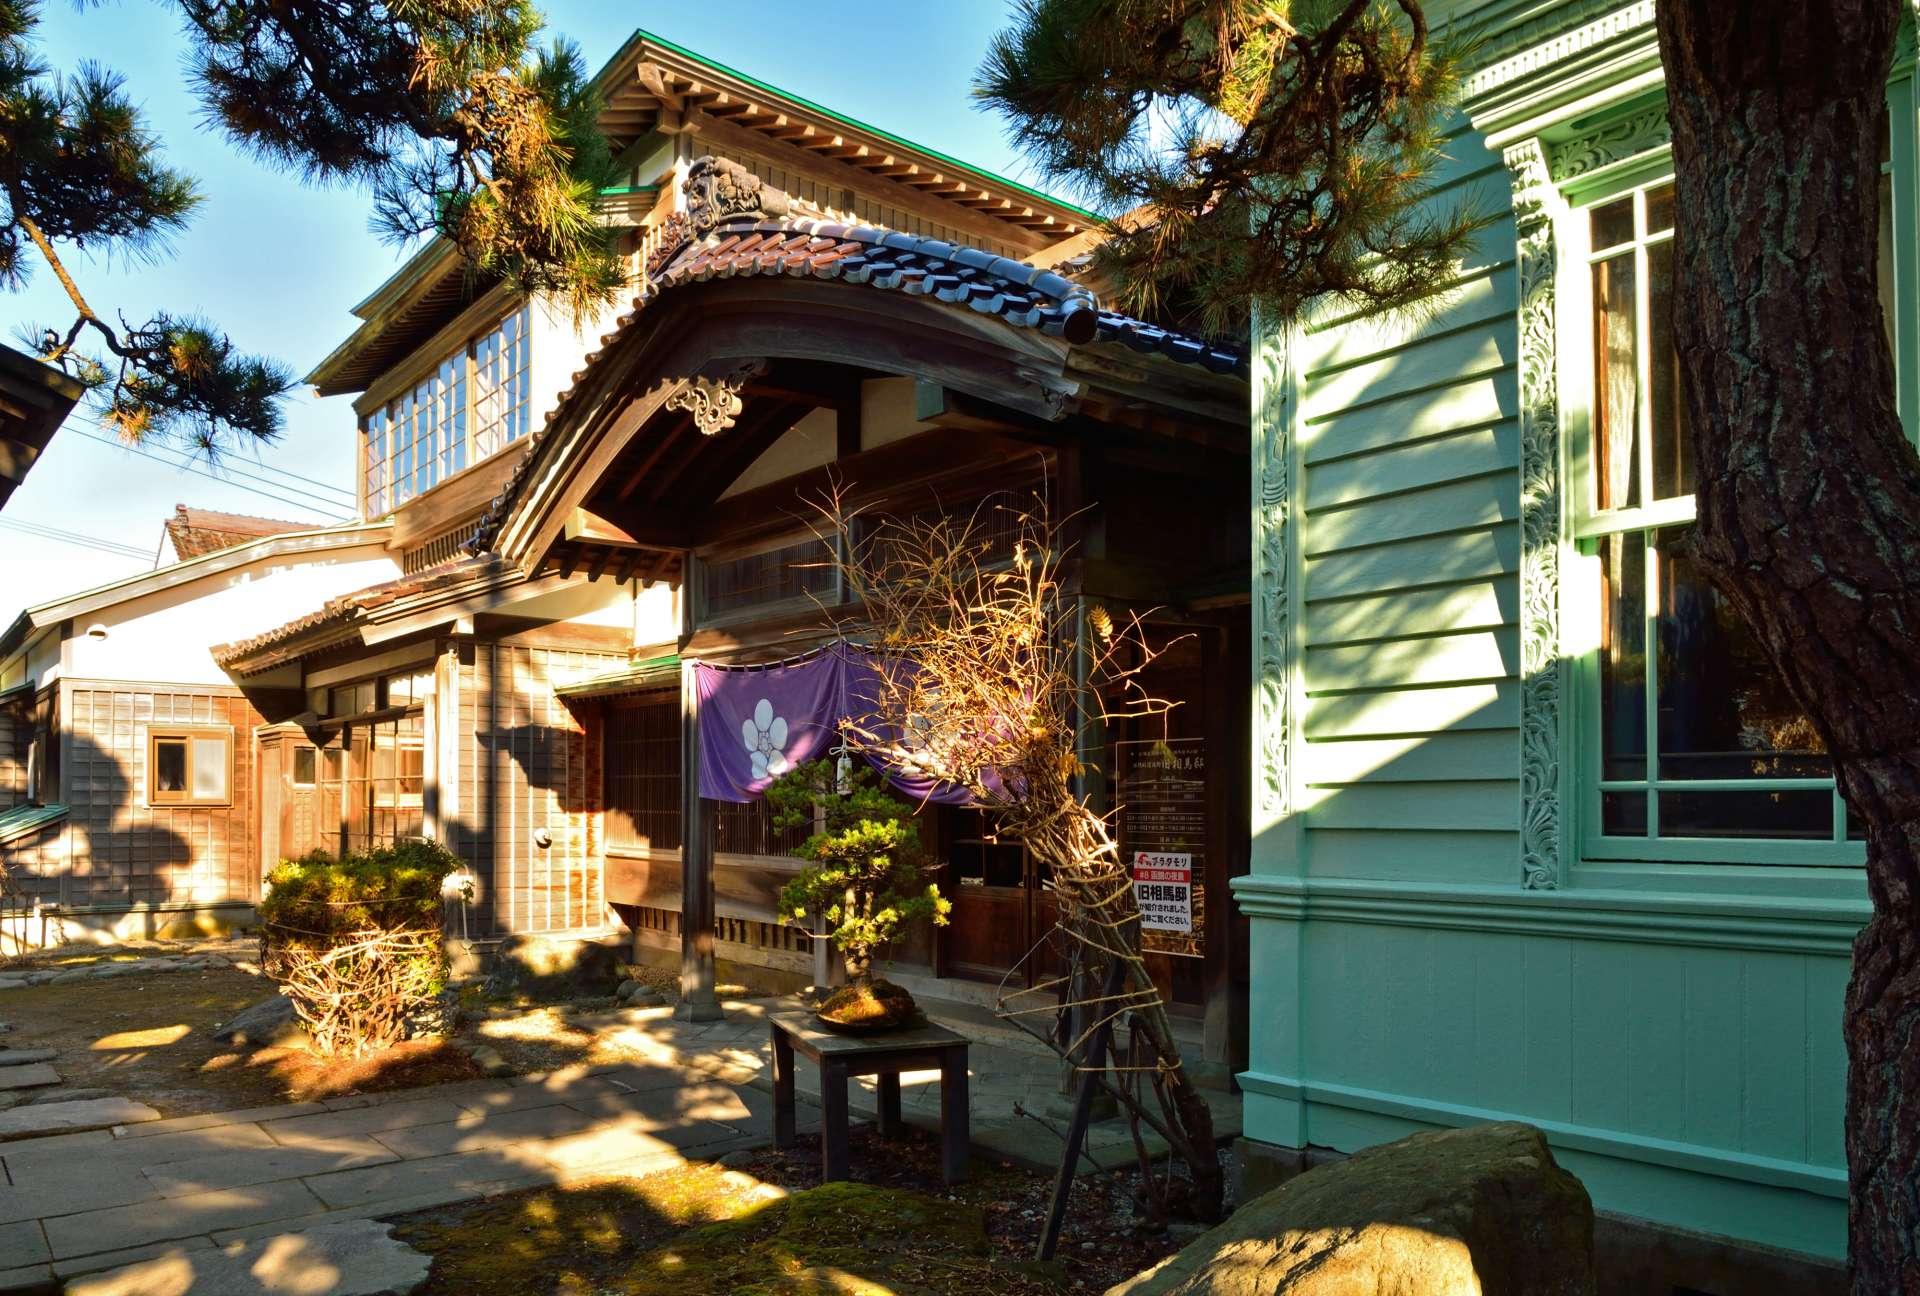 舊相馬宅邸 庭院